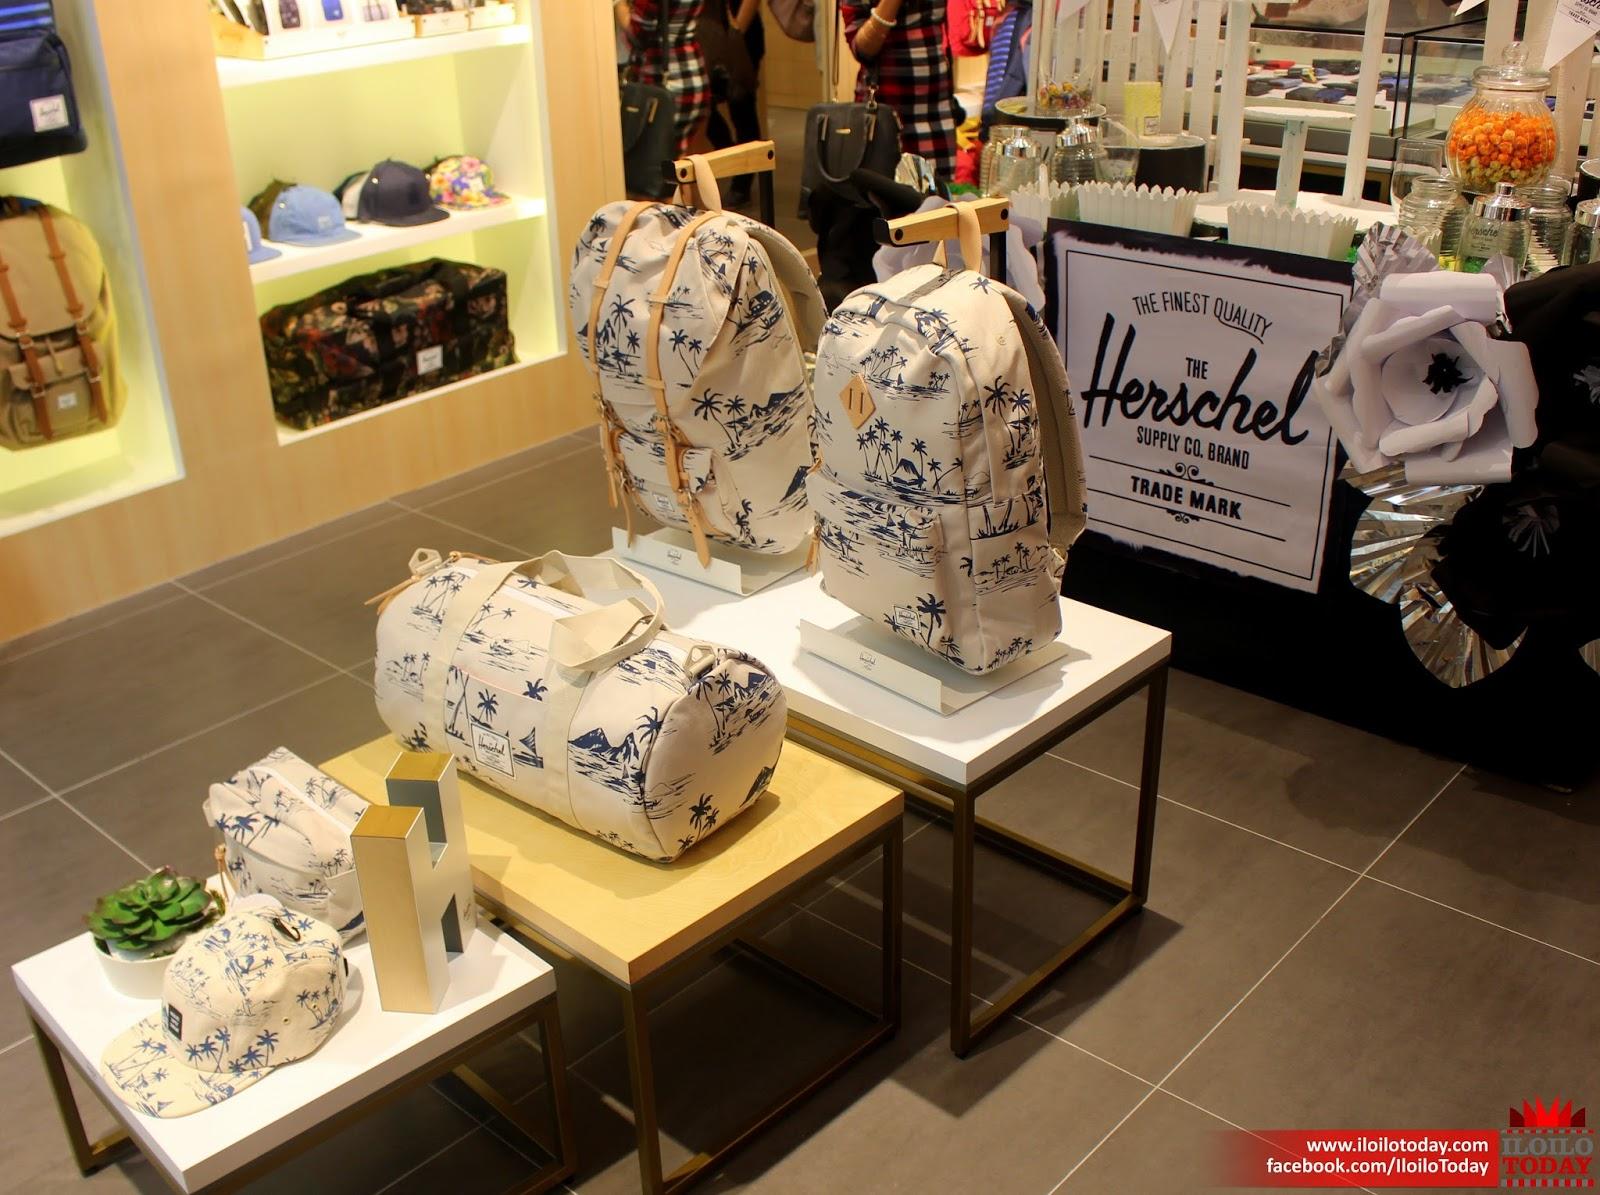 e34e93d11e Herschel bags now in Iloilo - IloiloToday - News and Media Blog